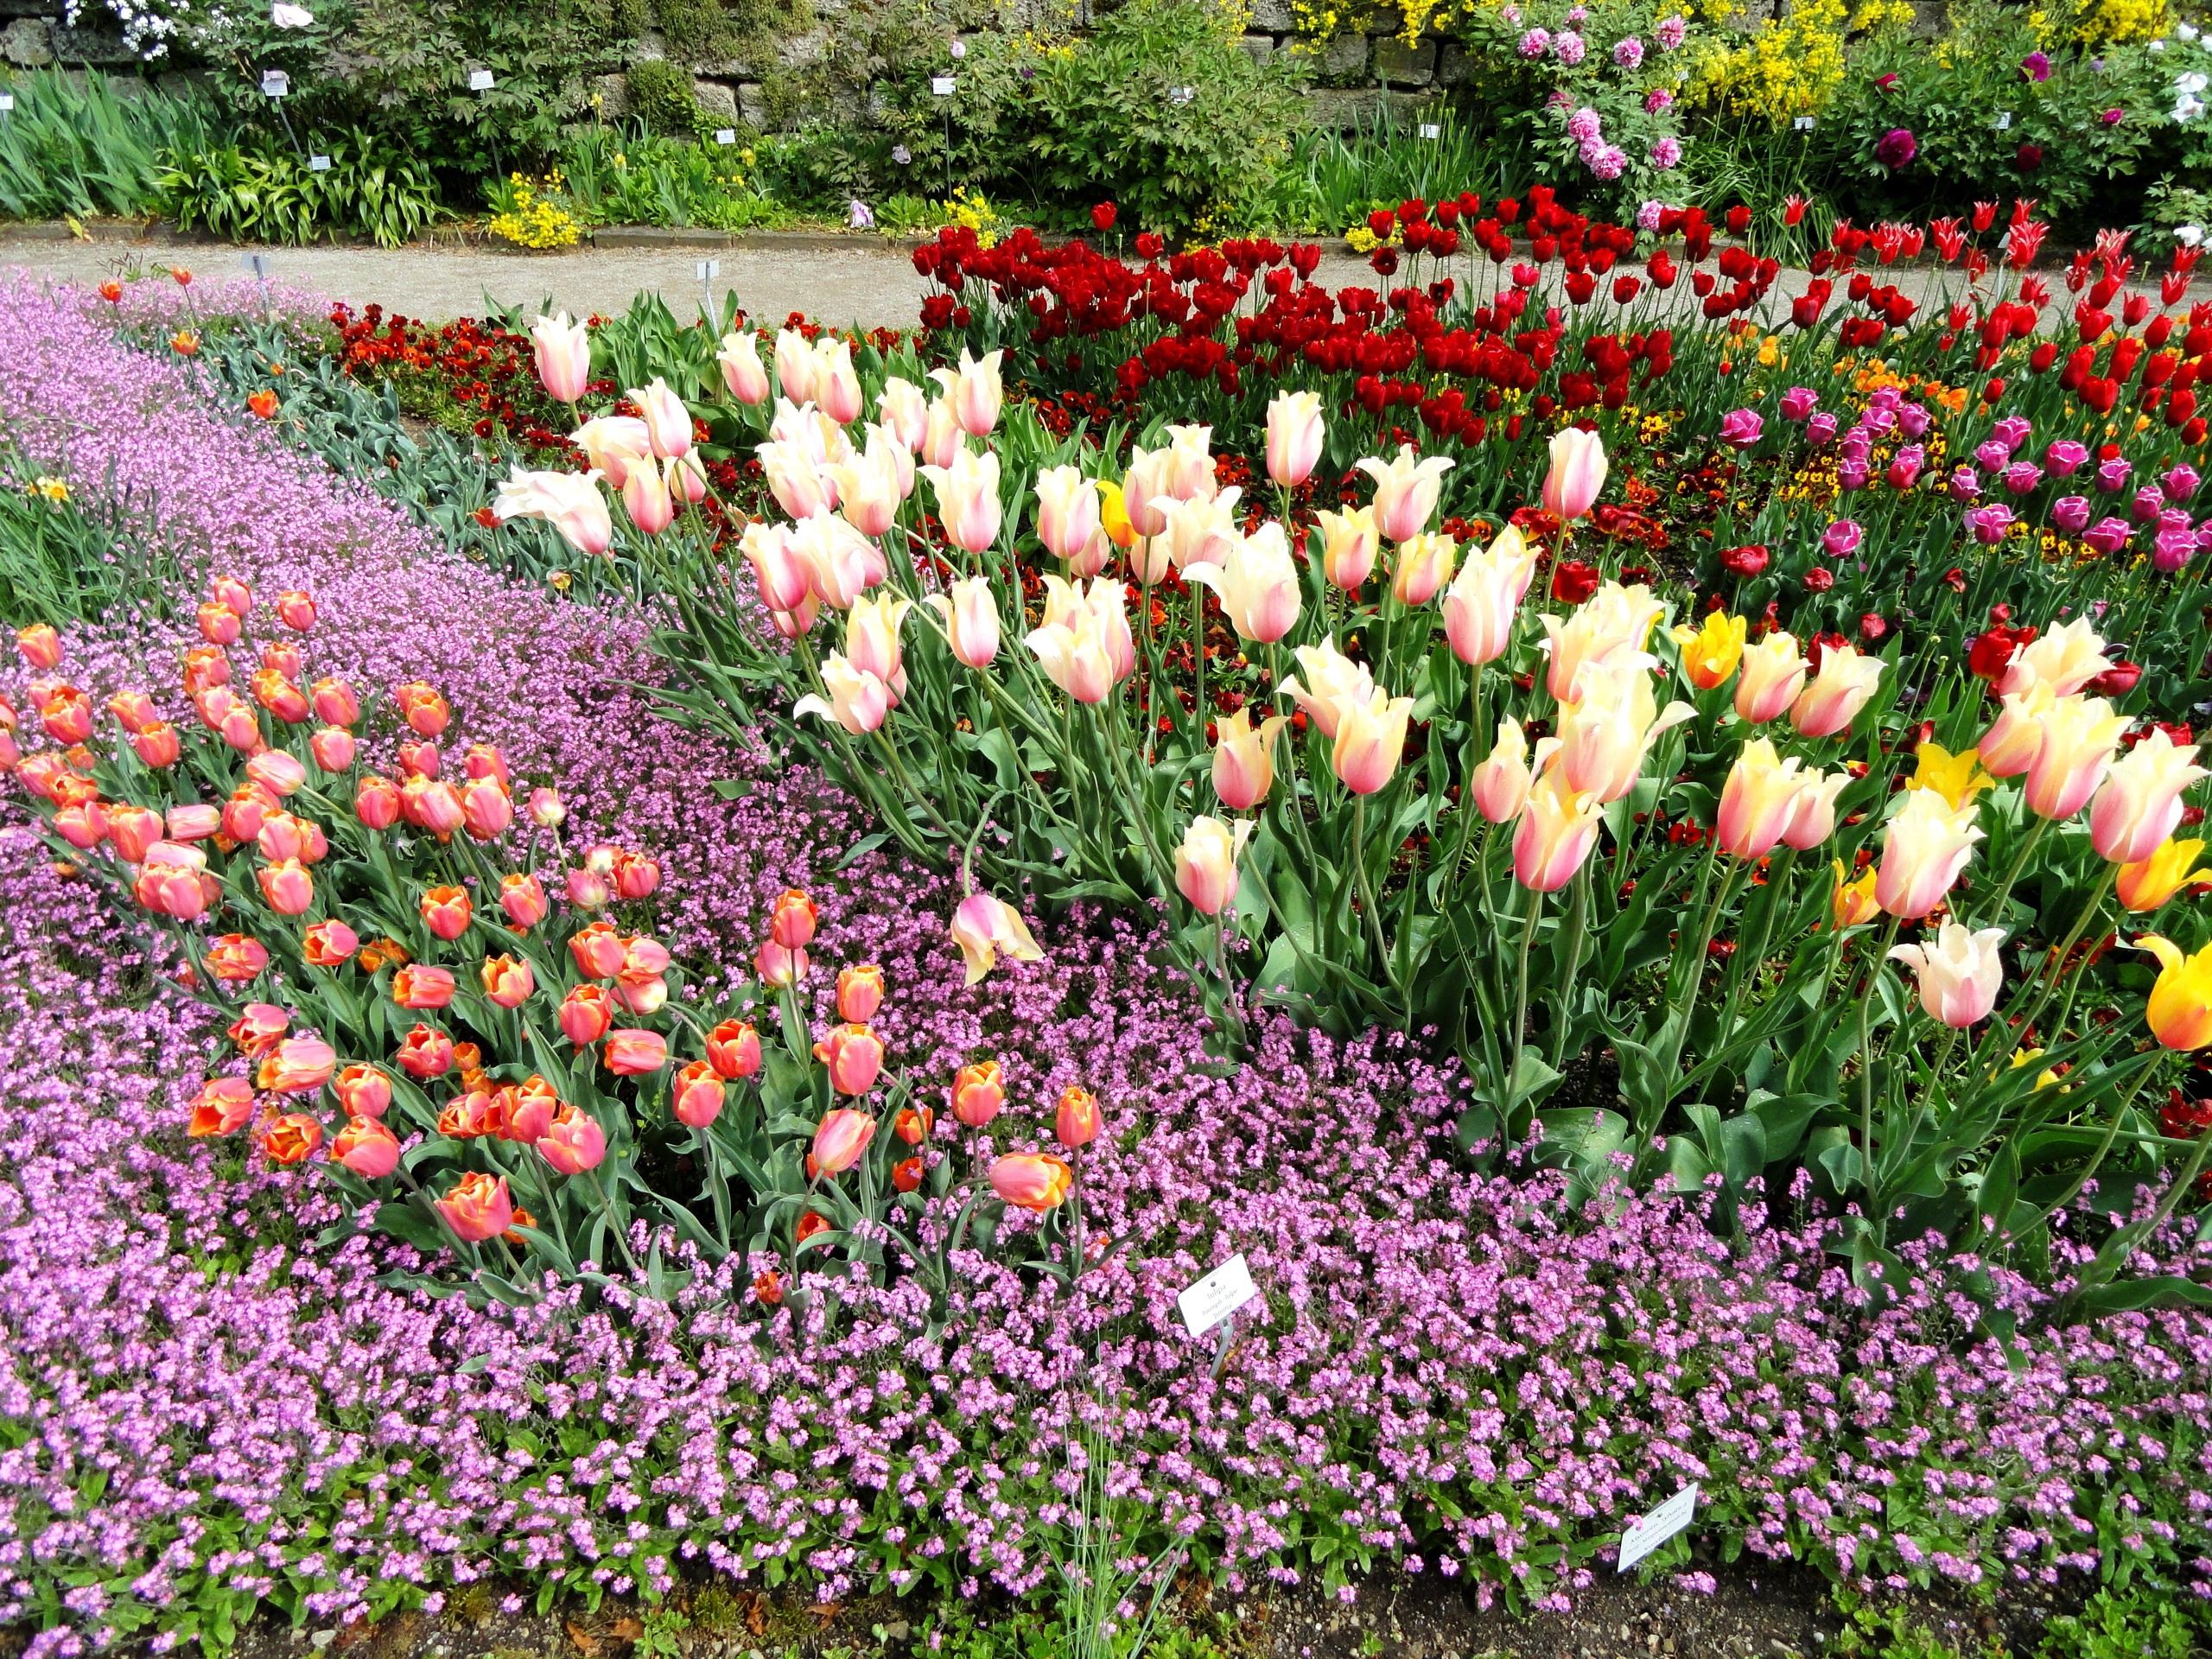 тюльпаны композиции в саду фото